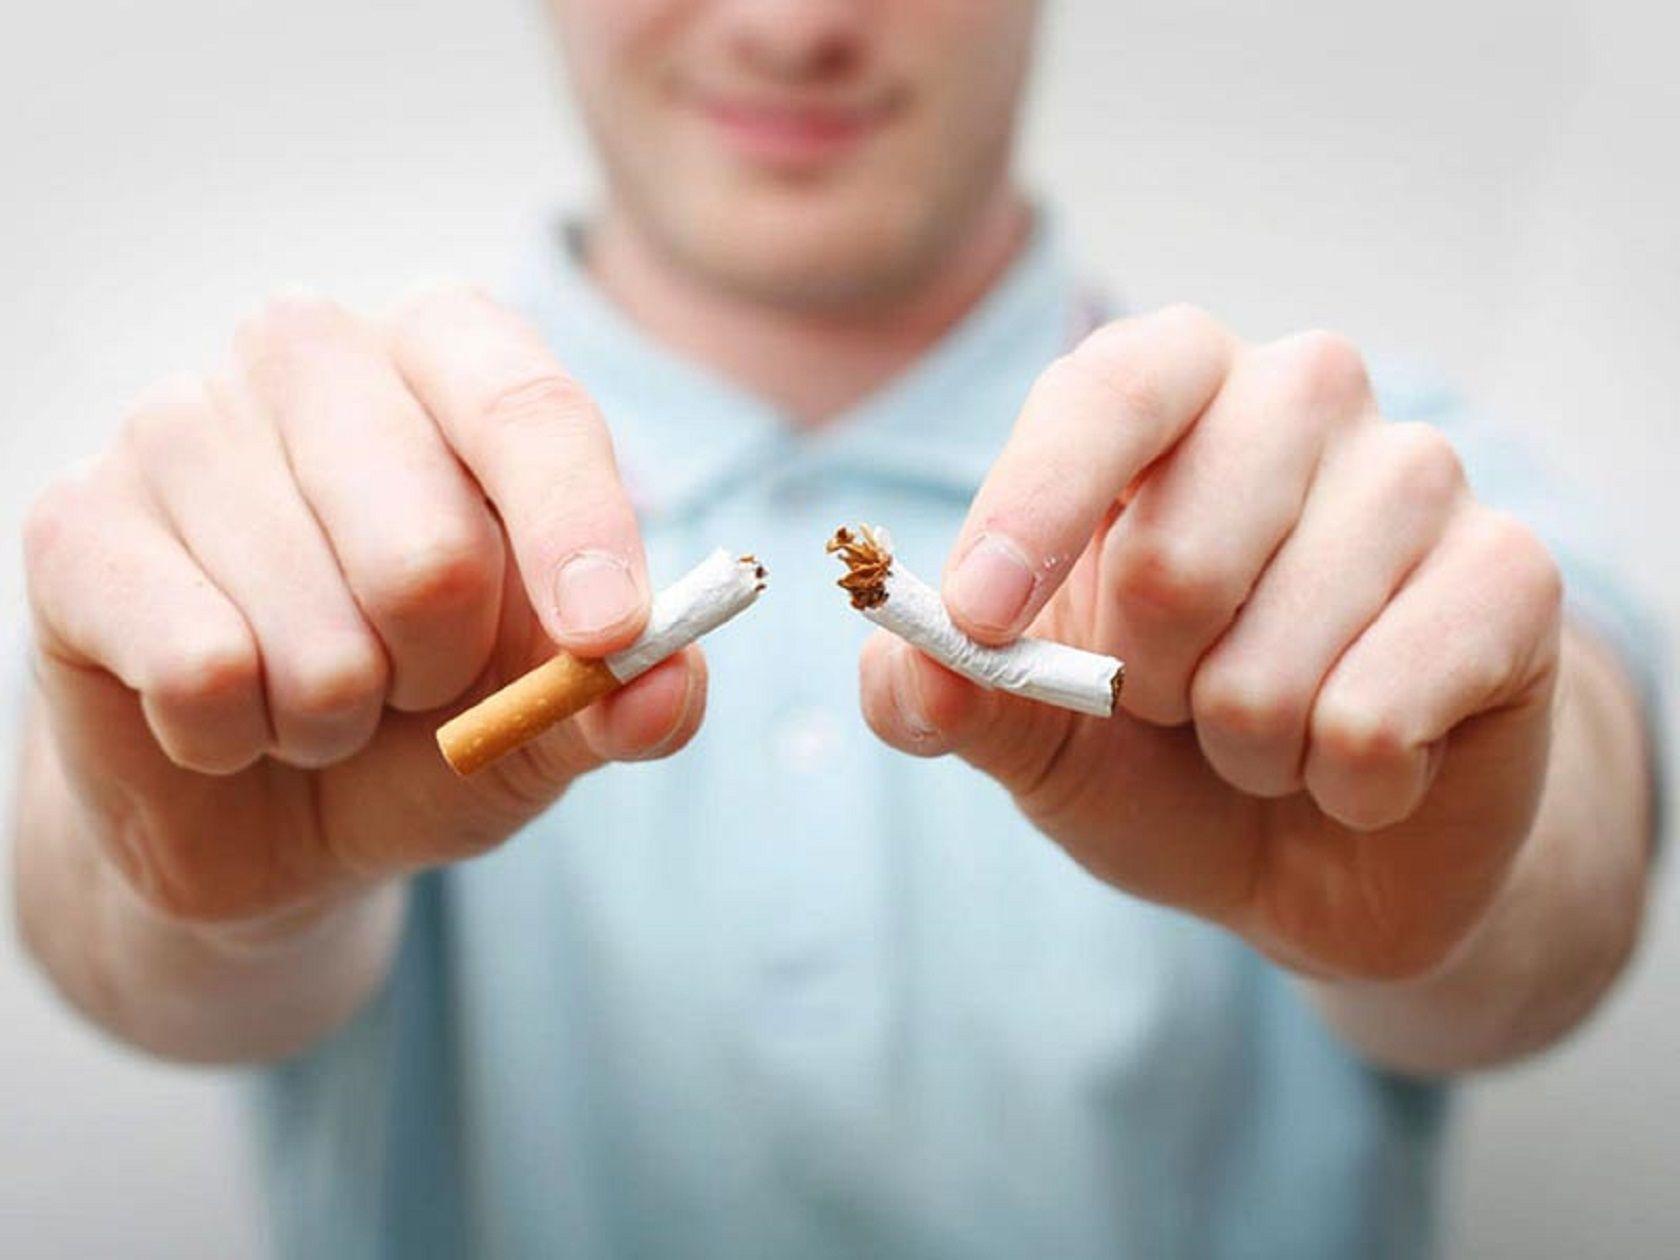 Un emprendimiento argentino revoluciona los métodos para dejar de fumar